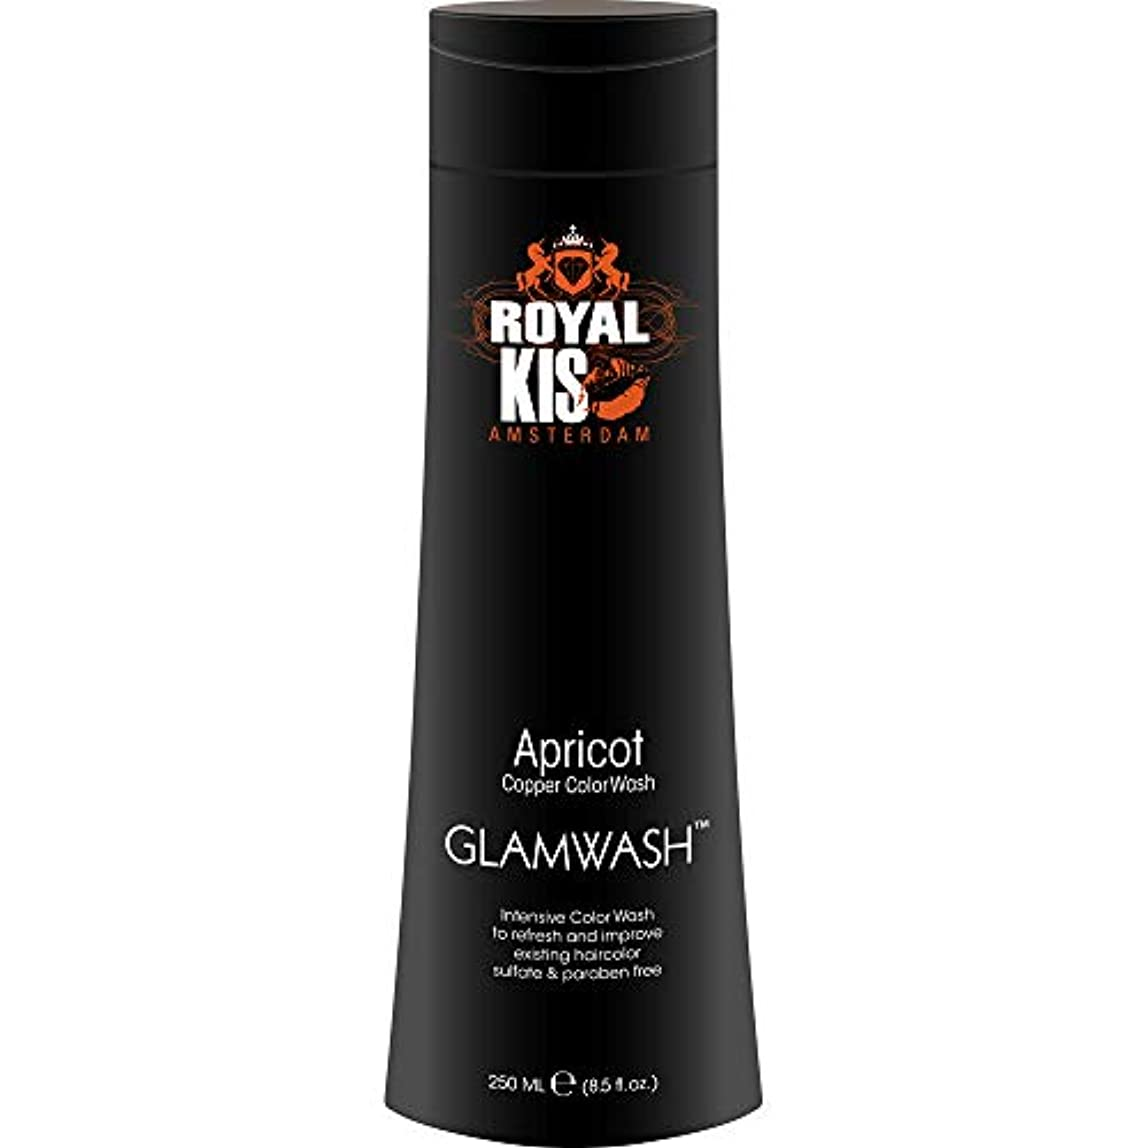 微弱なぜ歯痛Kappers Kis GlamWash アプリコット(銅)-250mlインテンスカラーウォッシュ